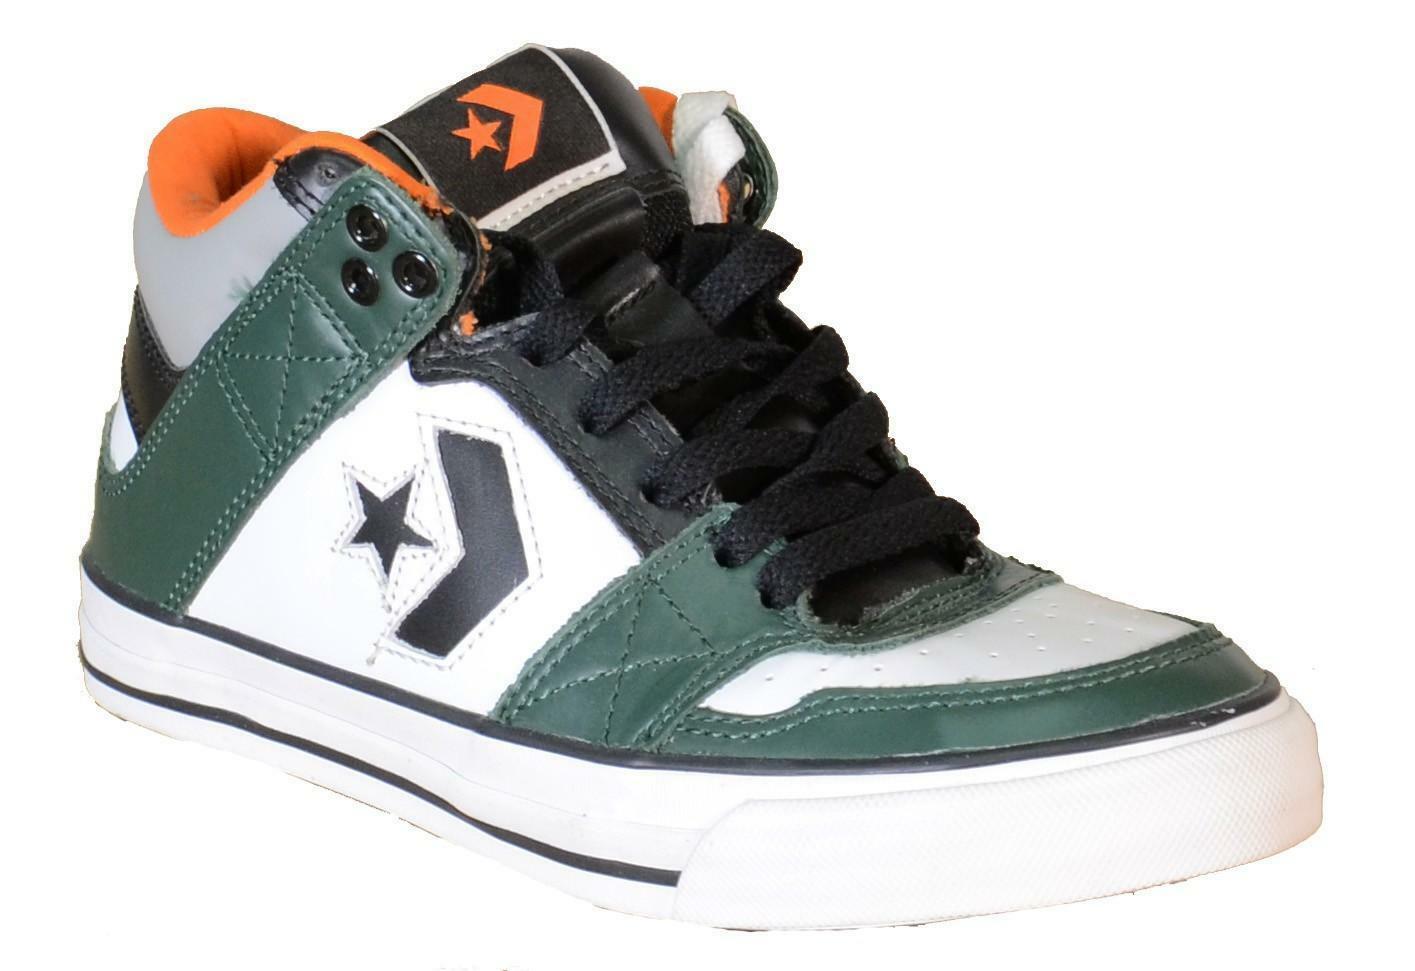 converse converse pro mid scarpe sportive bianche verdi pelle 121369